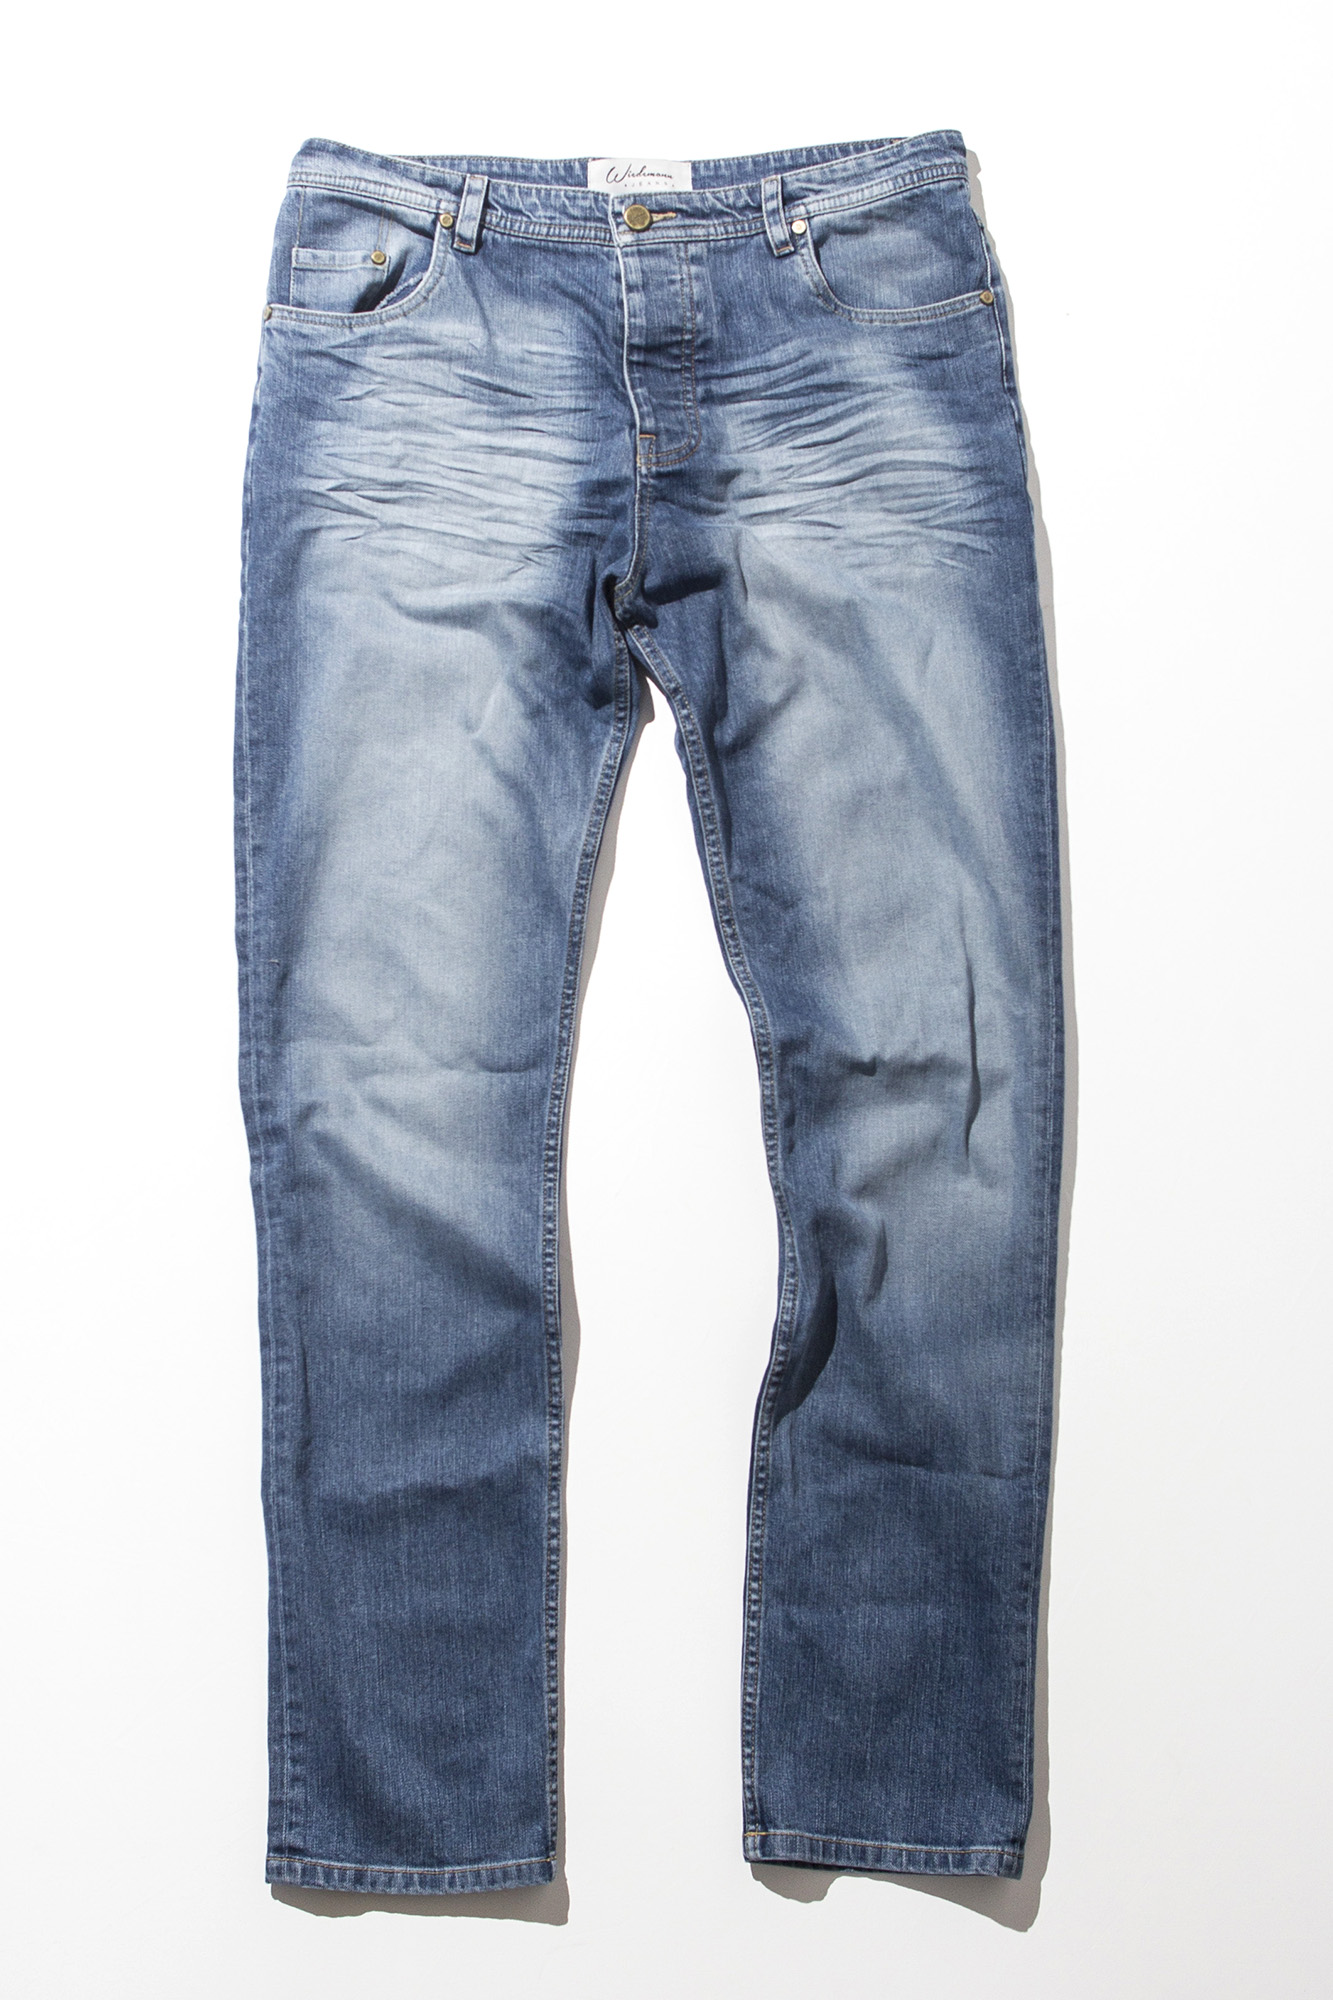 Classic tapered jeans - Wiedemann Jeans Official websiteWiedemann ...